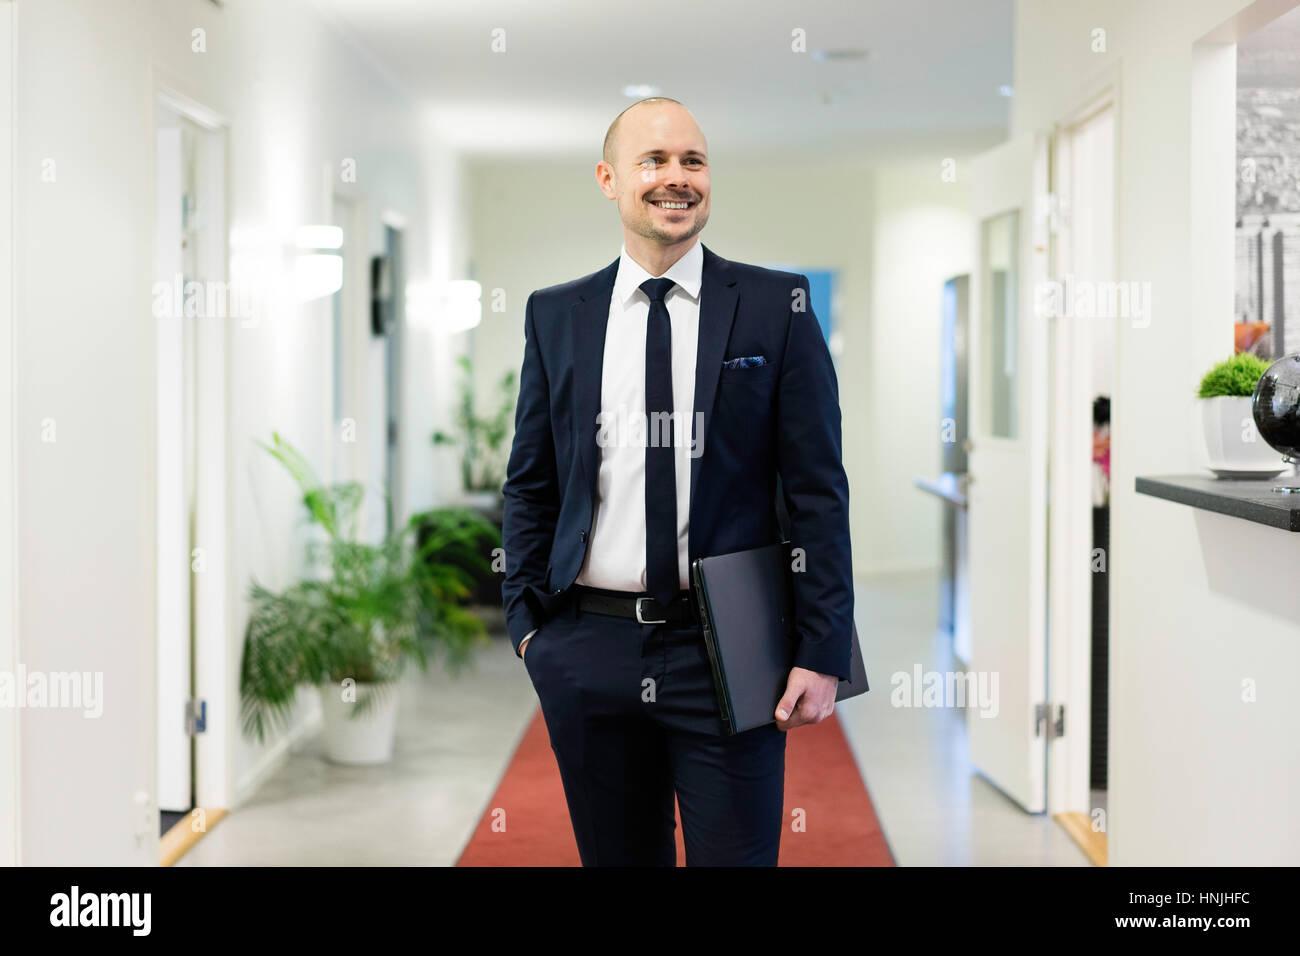 Swedish caucasian man en costume et cravate. L'origine ethnique européenne scandinave. Les bureaux de l'intérieur. Photo Stock